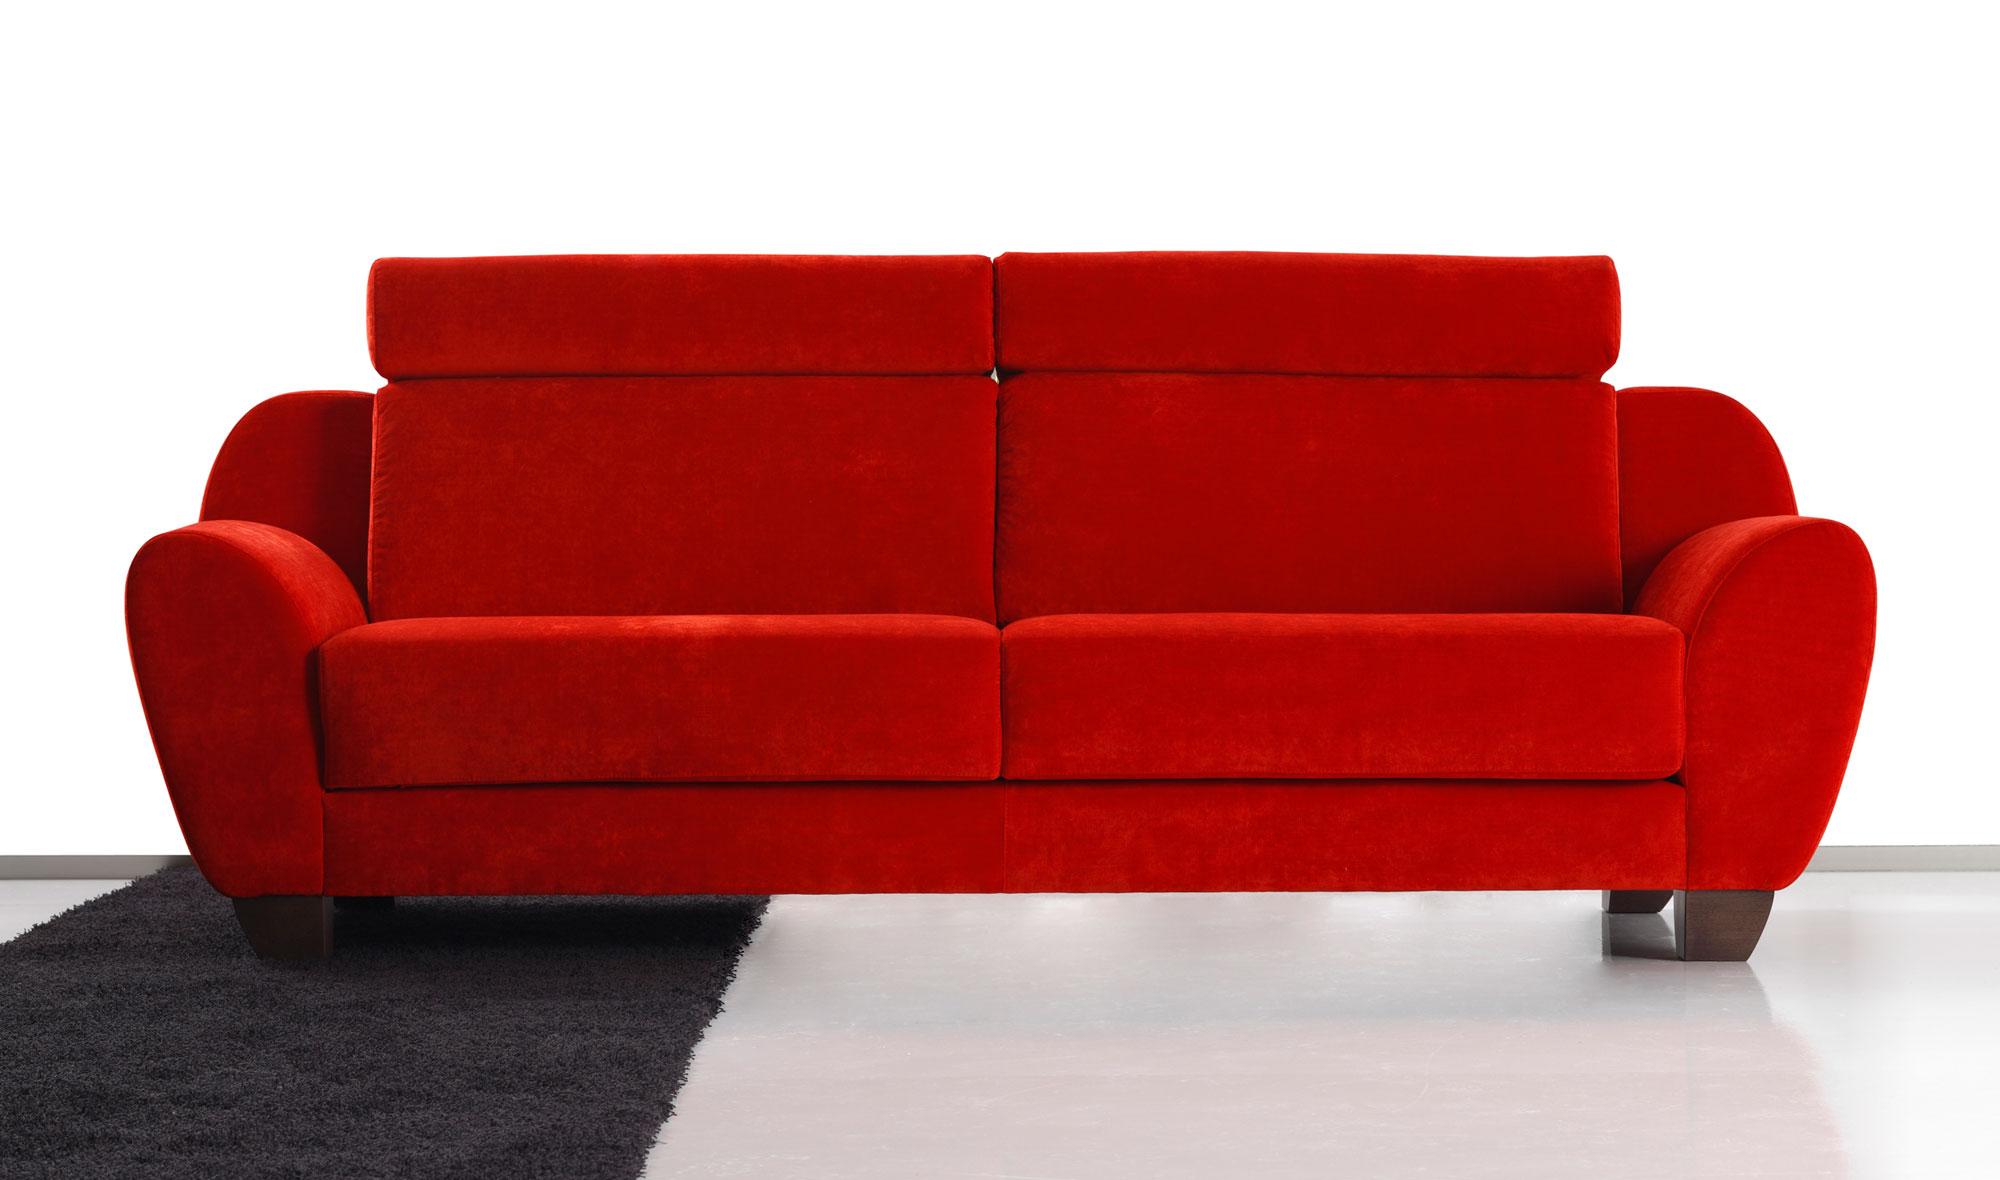 Sof moderno gente en cosas de arquitectoscosas de arquitectos for Muebles sofas modernos